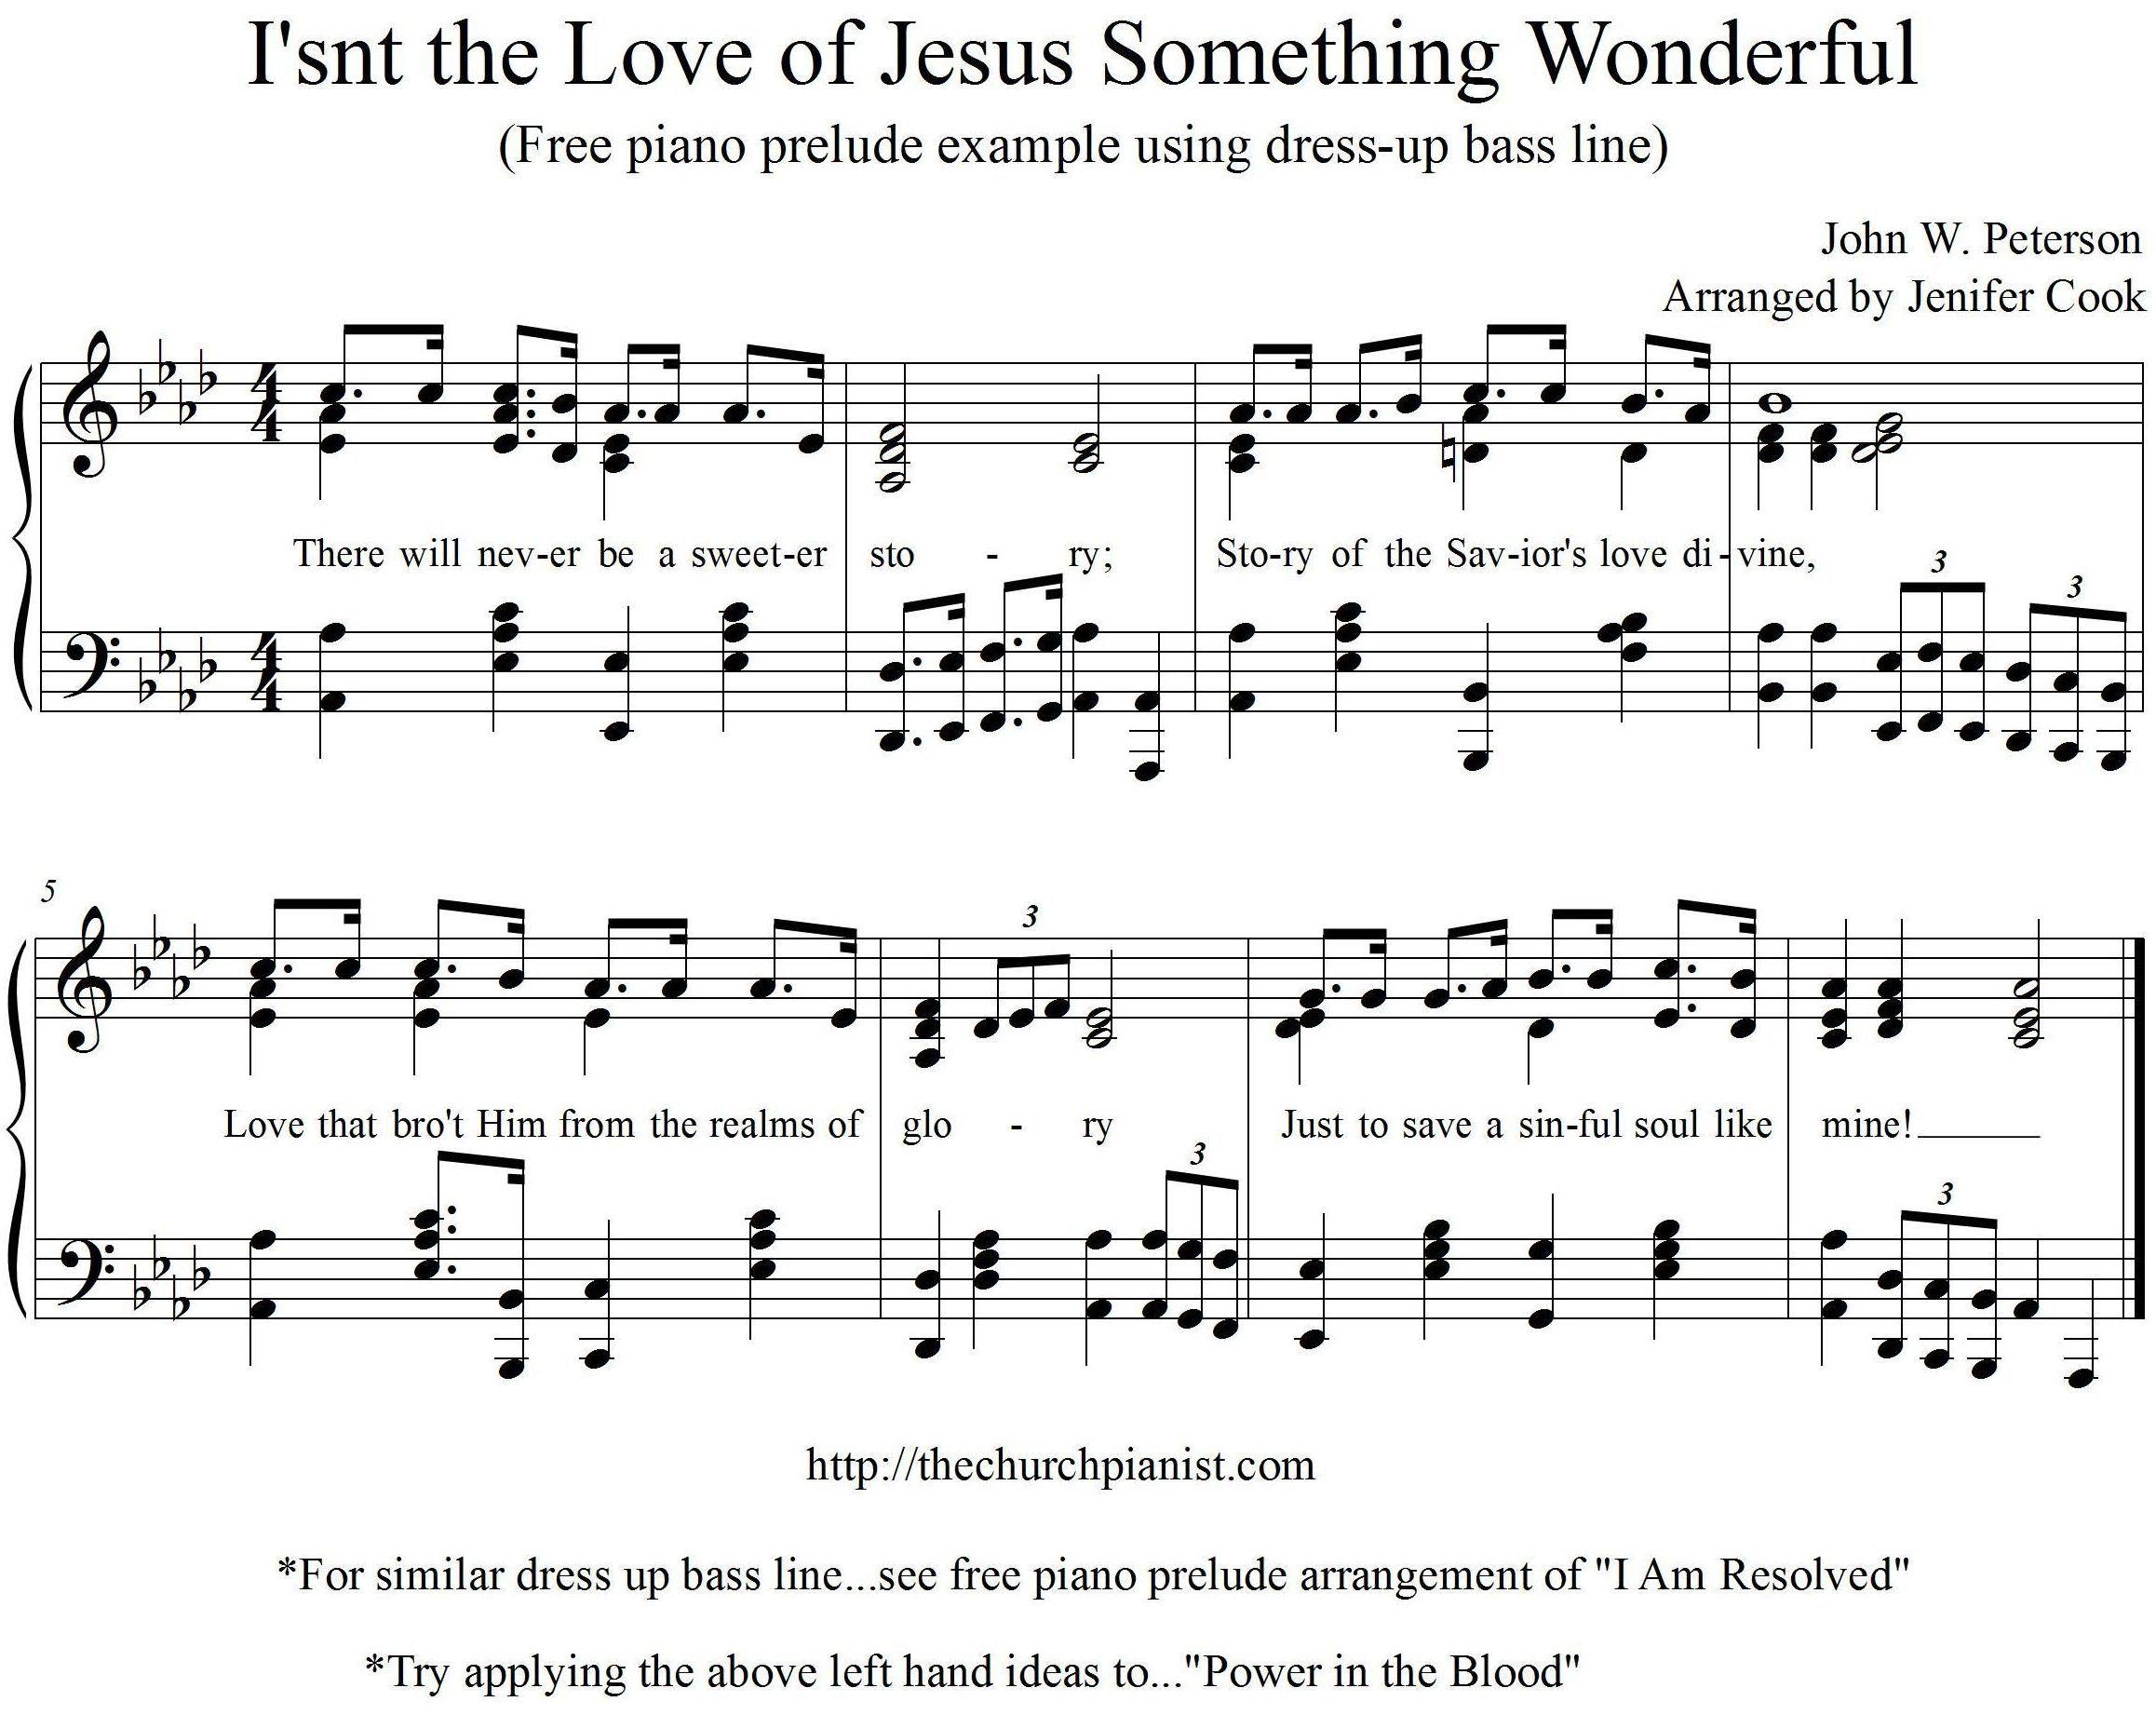 Isn't the Love of Jesus Something Wonderful FREE excerpt